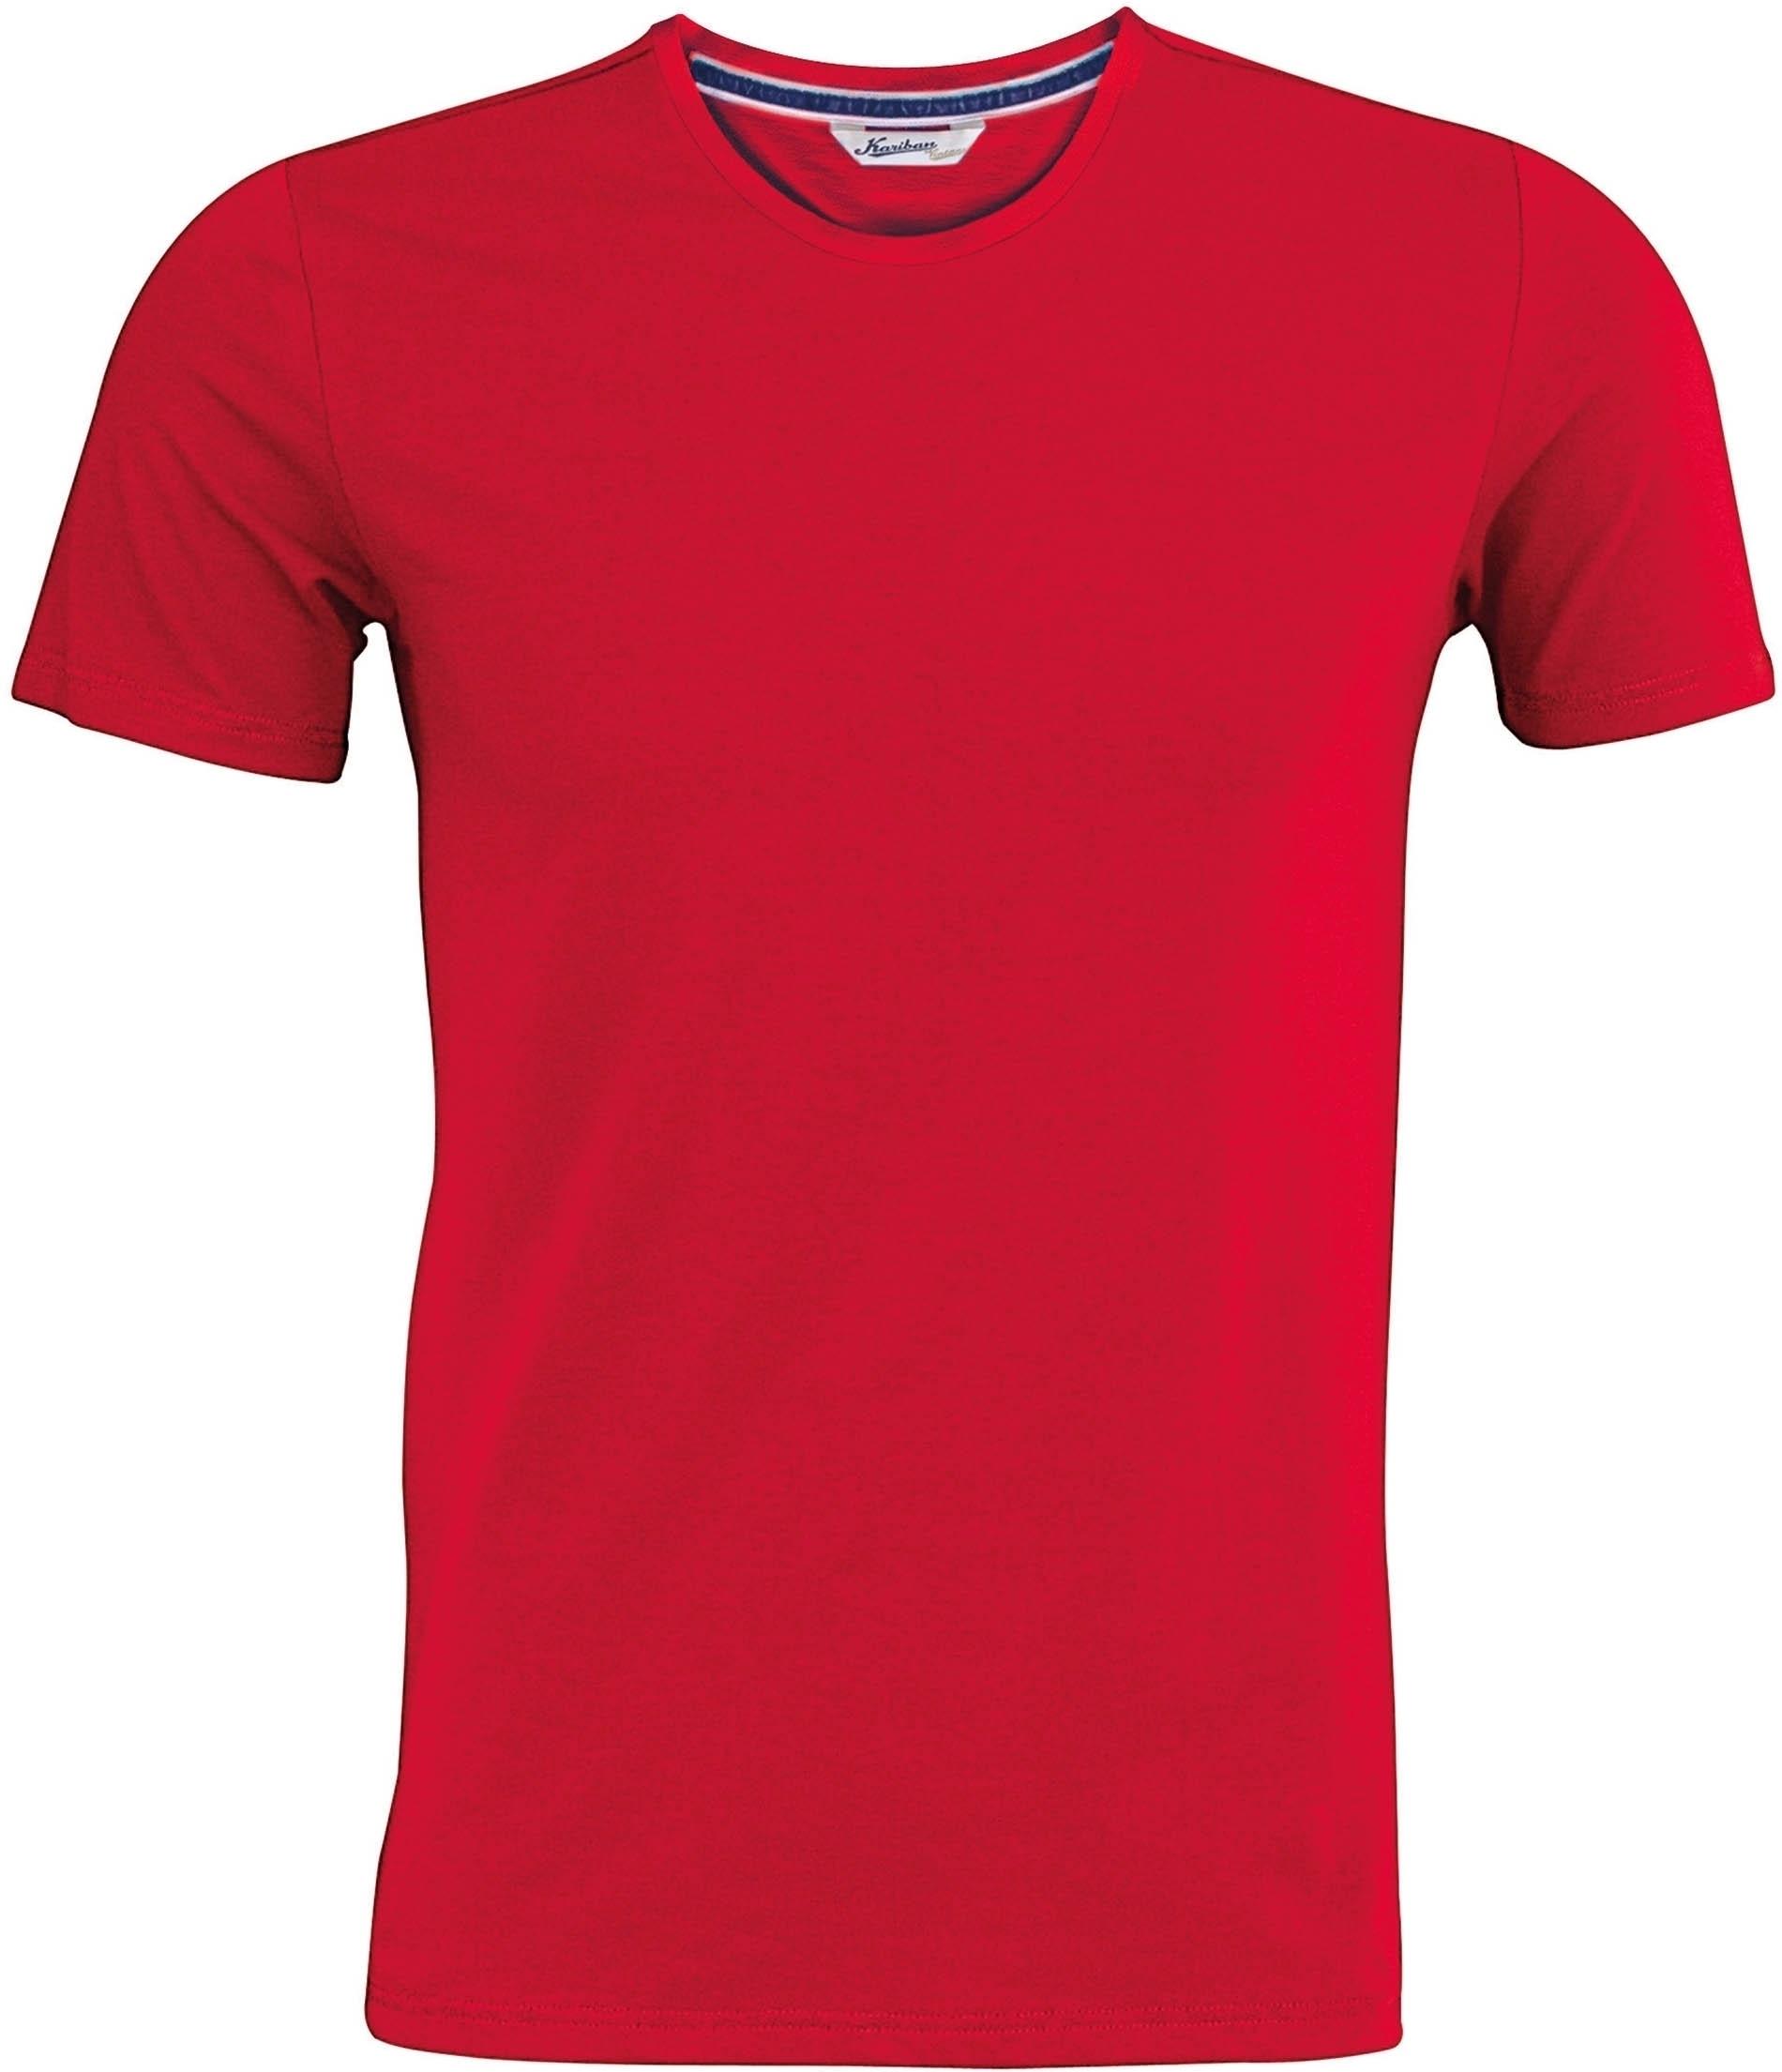 t shirt homme manches courtes encolure ronde vintage red. Black Bedroom Furniture Sets. Home Design Ideas